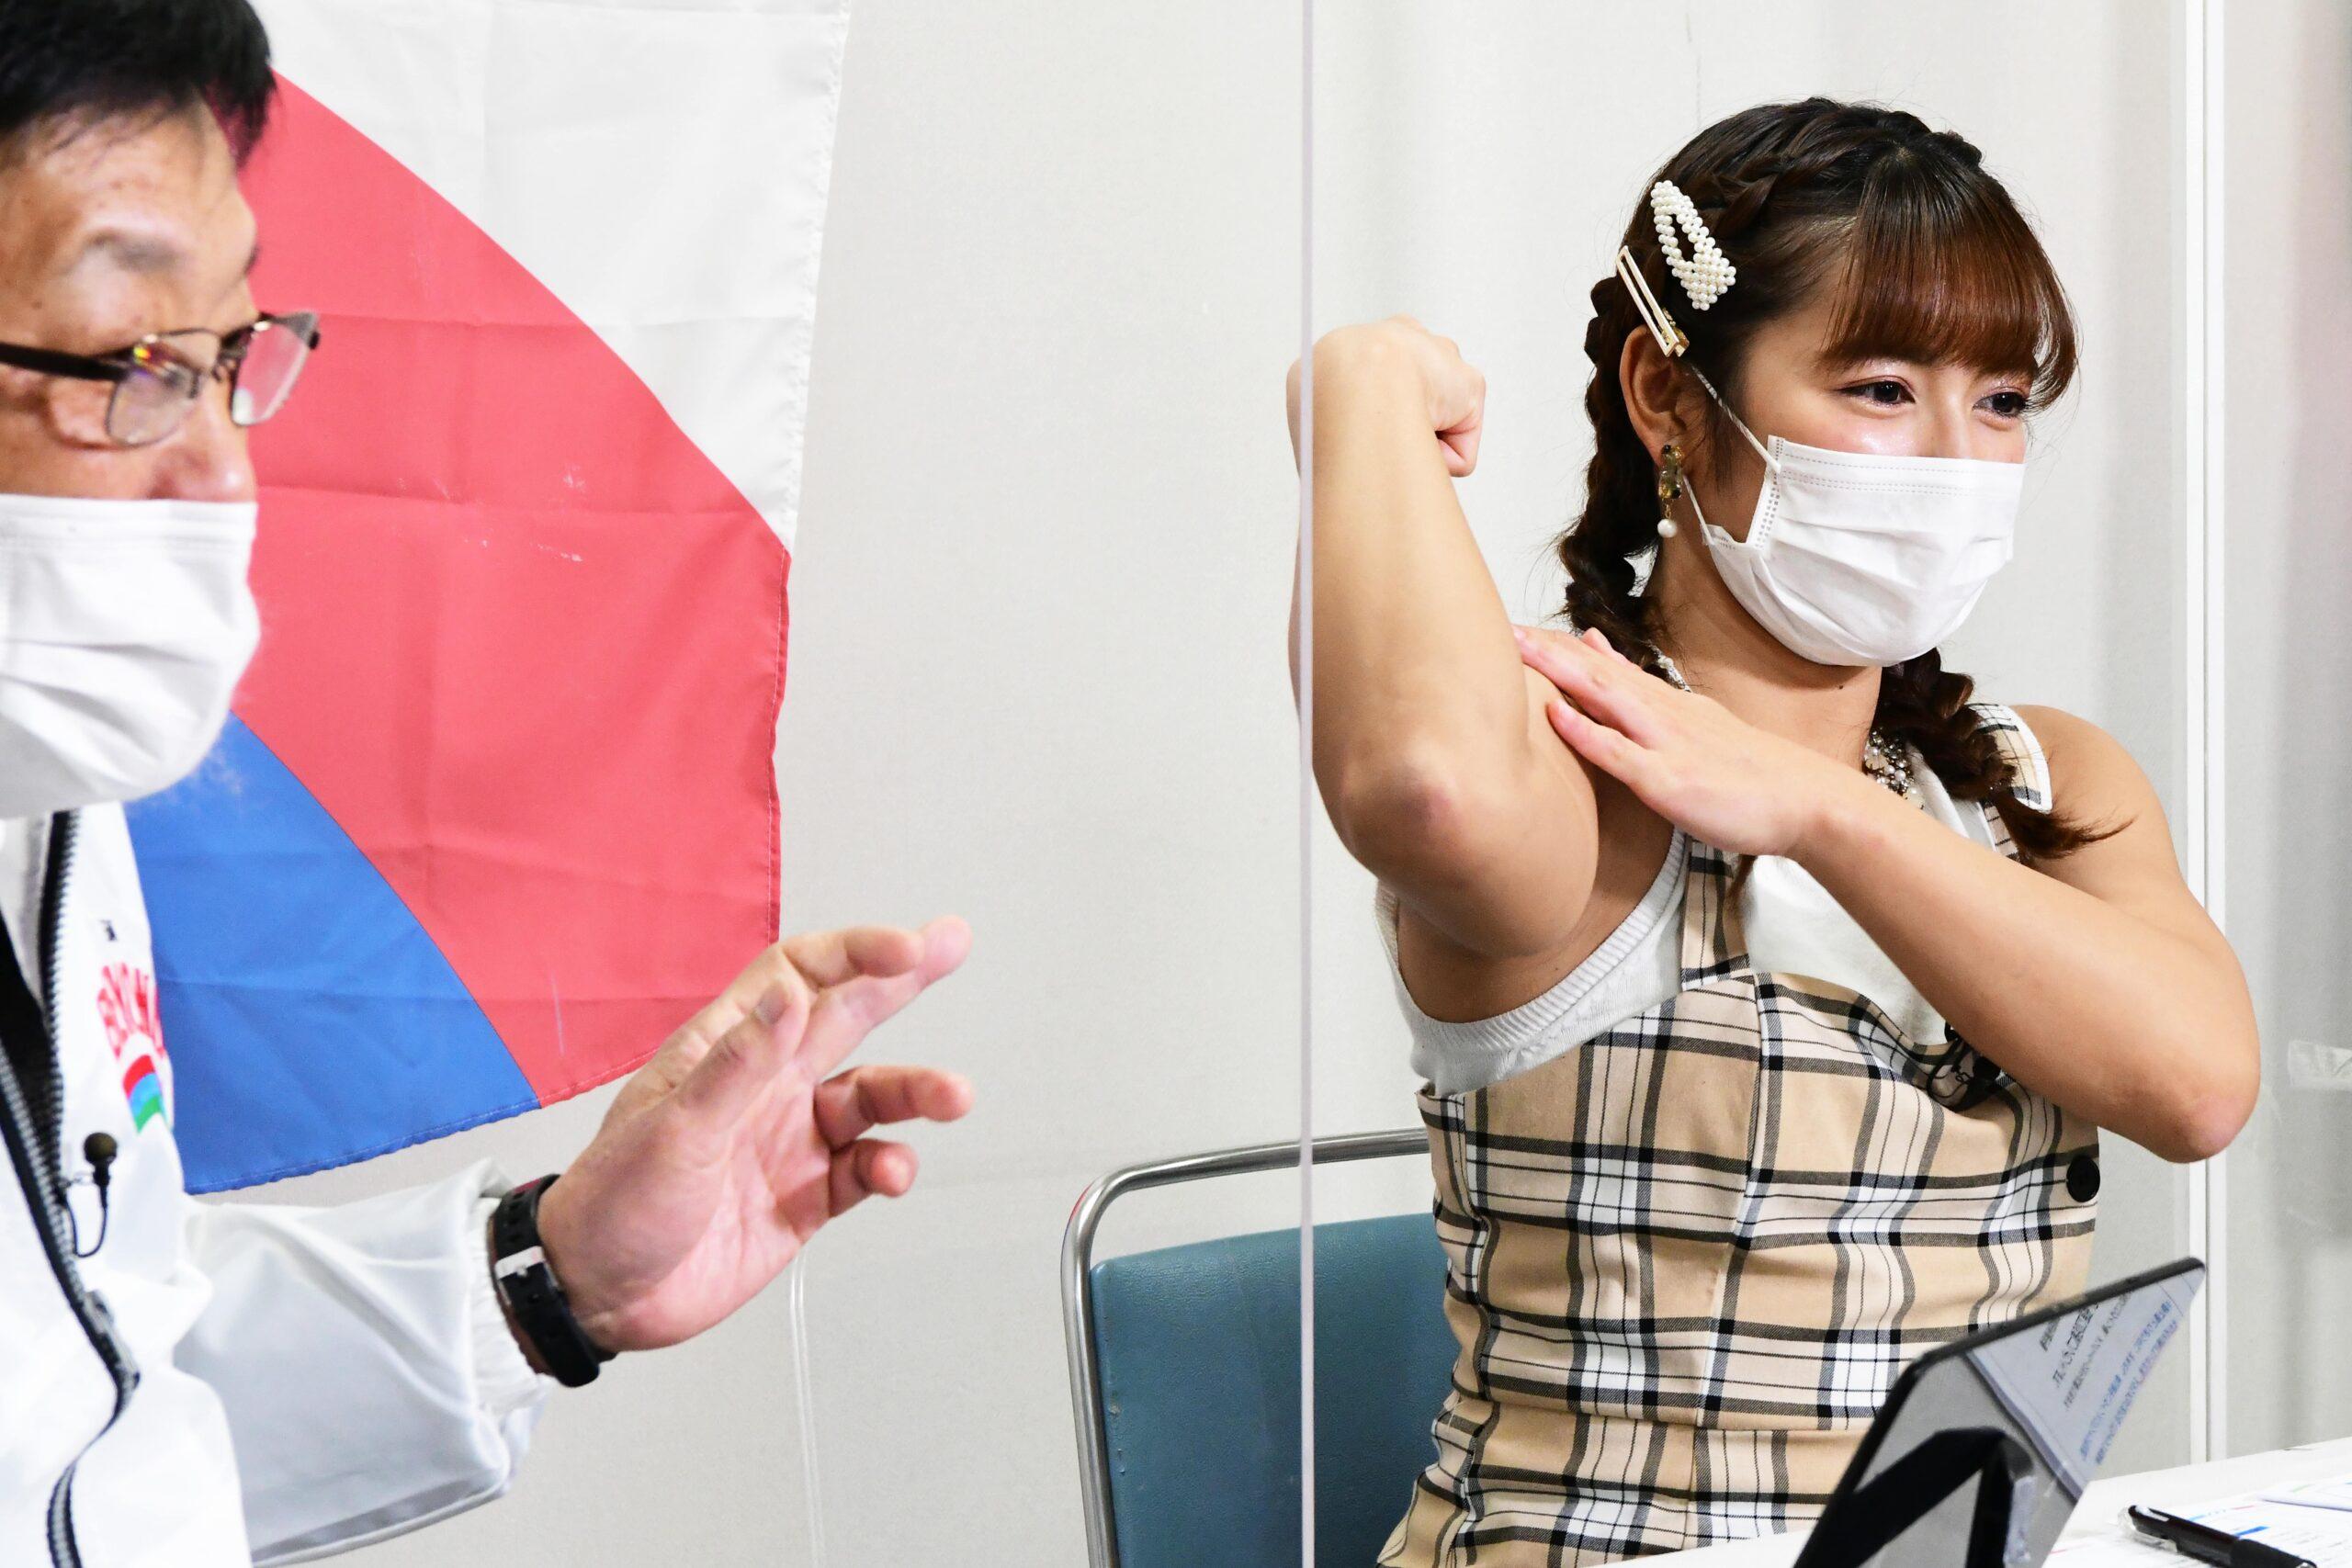 「第21回全日本パラ・パワーリフティング 国際招待選手権大会」 リモート観戦会、オンライン交流会を開催!わずか3秒に凝縮された極限のドラマ